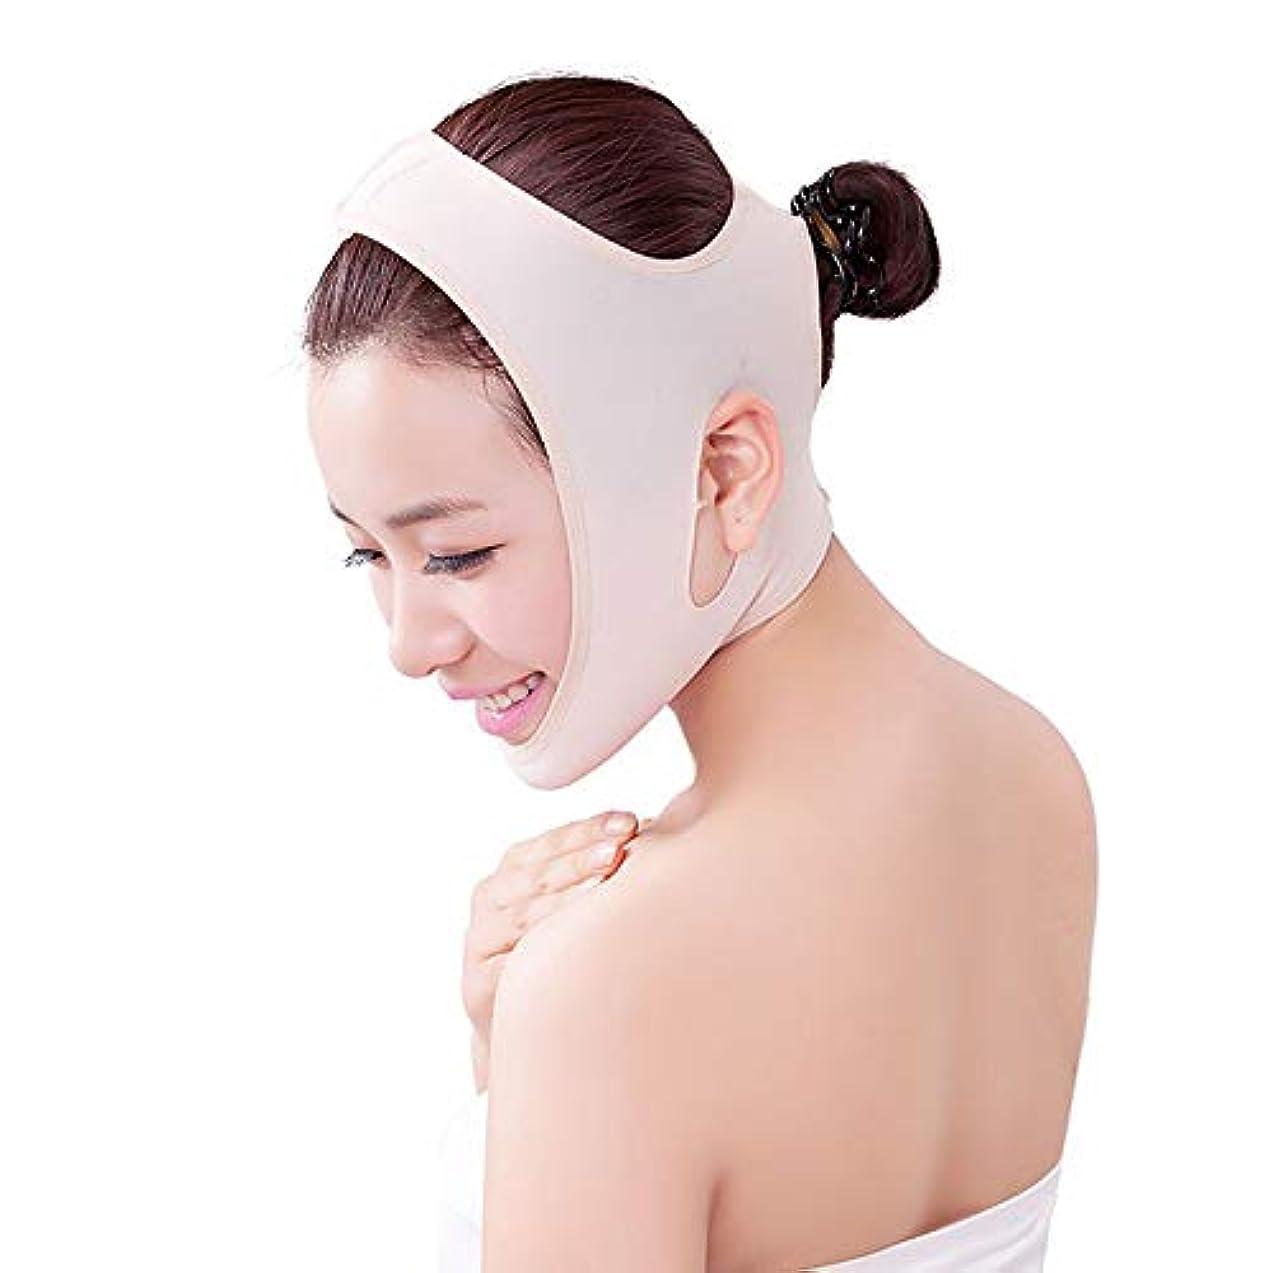 実験をするホステルそっと顔の持ち上がる痩身ベルト - アンチエイジングリンクルフェイスマスクベルトあなたの顔のためのすばらしい試し二重あごの試し (サイズ さいず : S s)